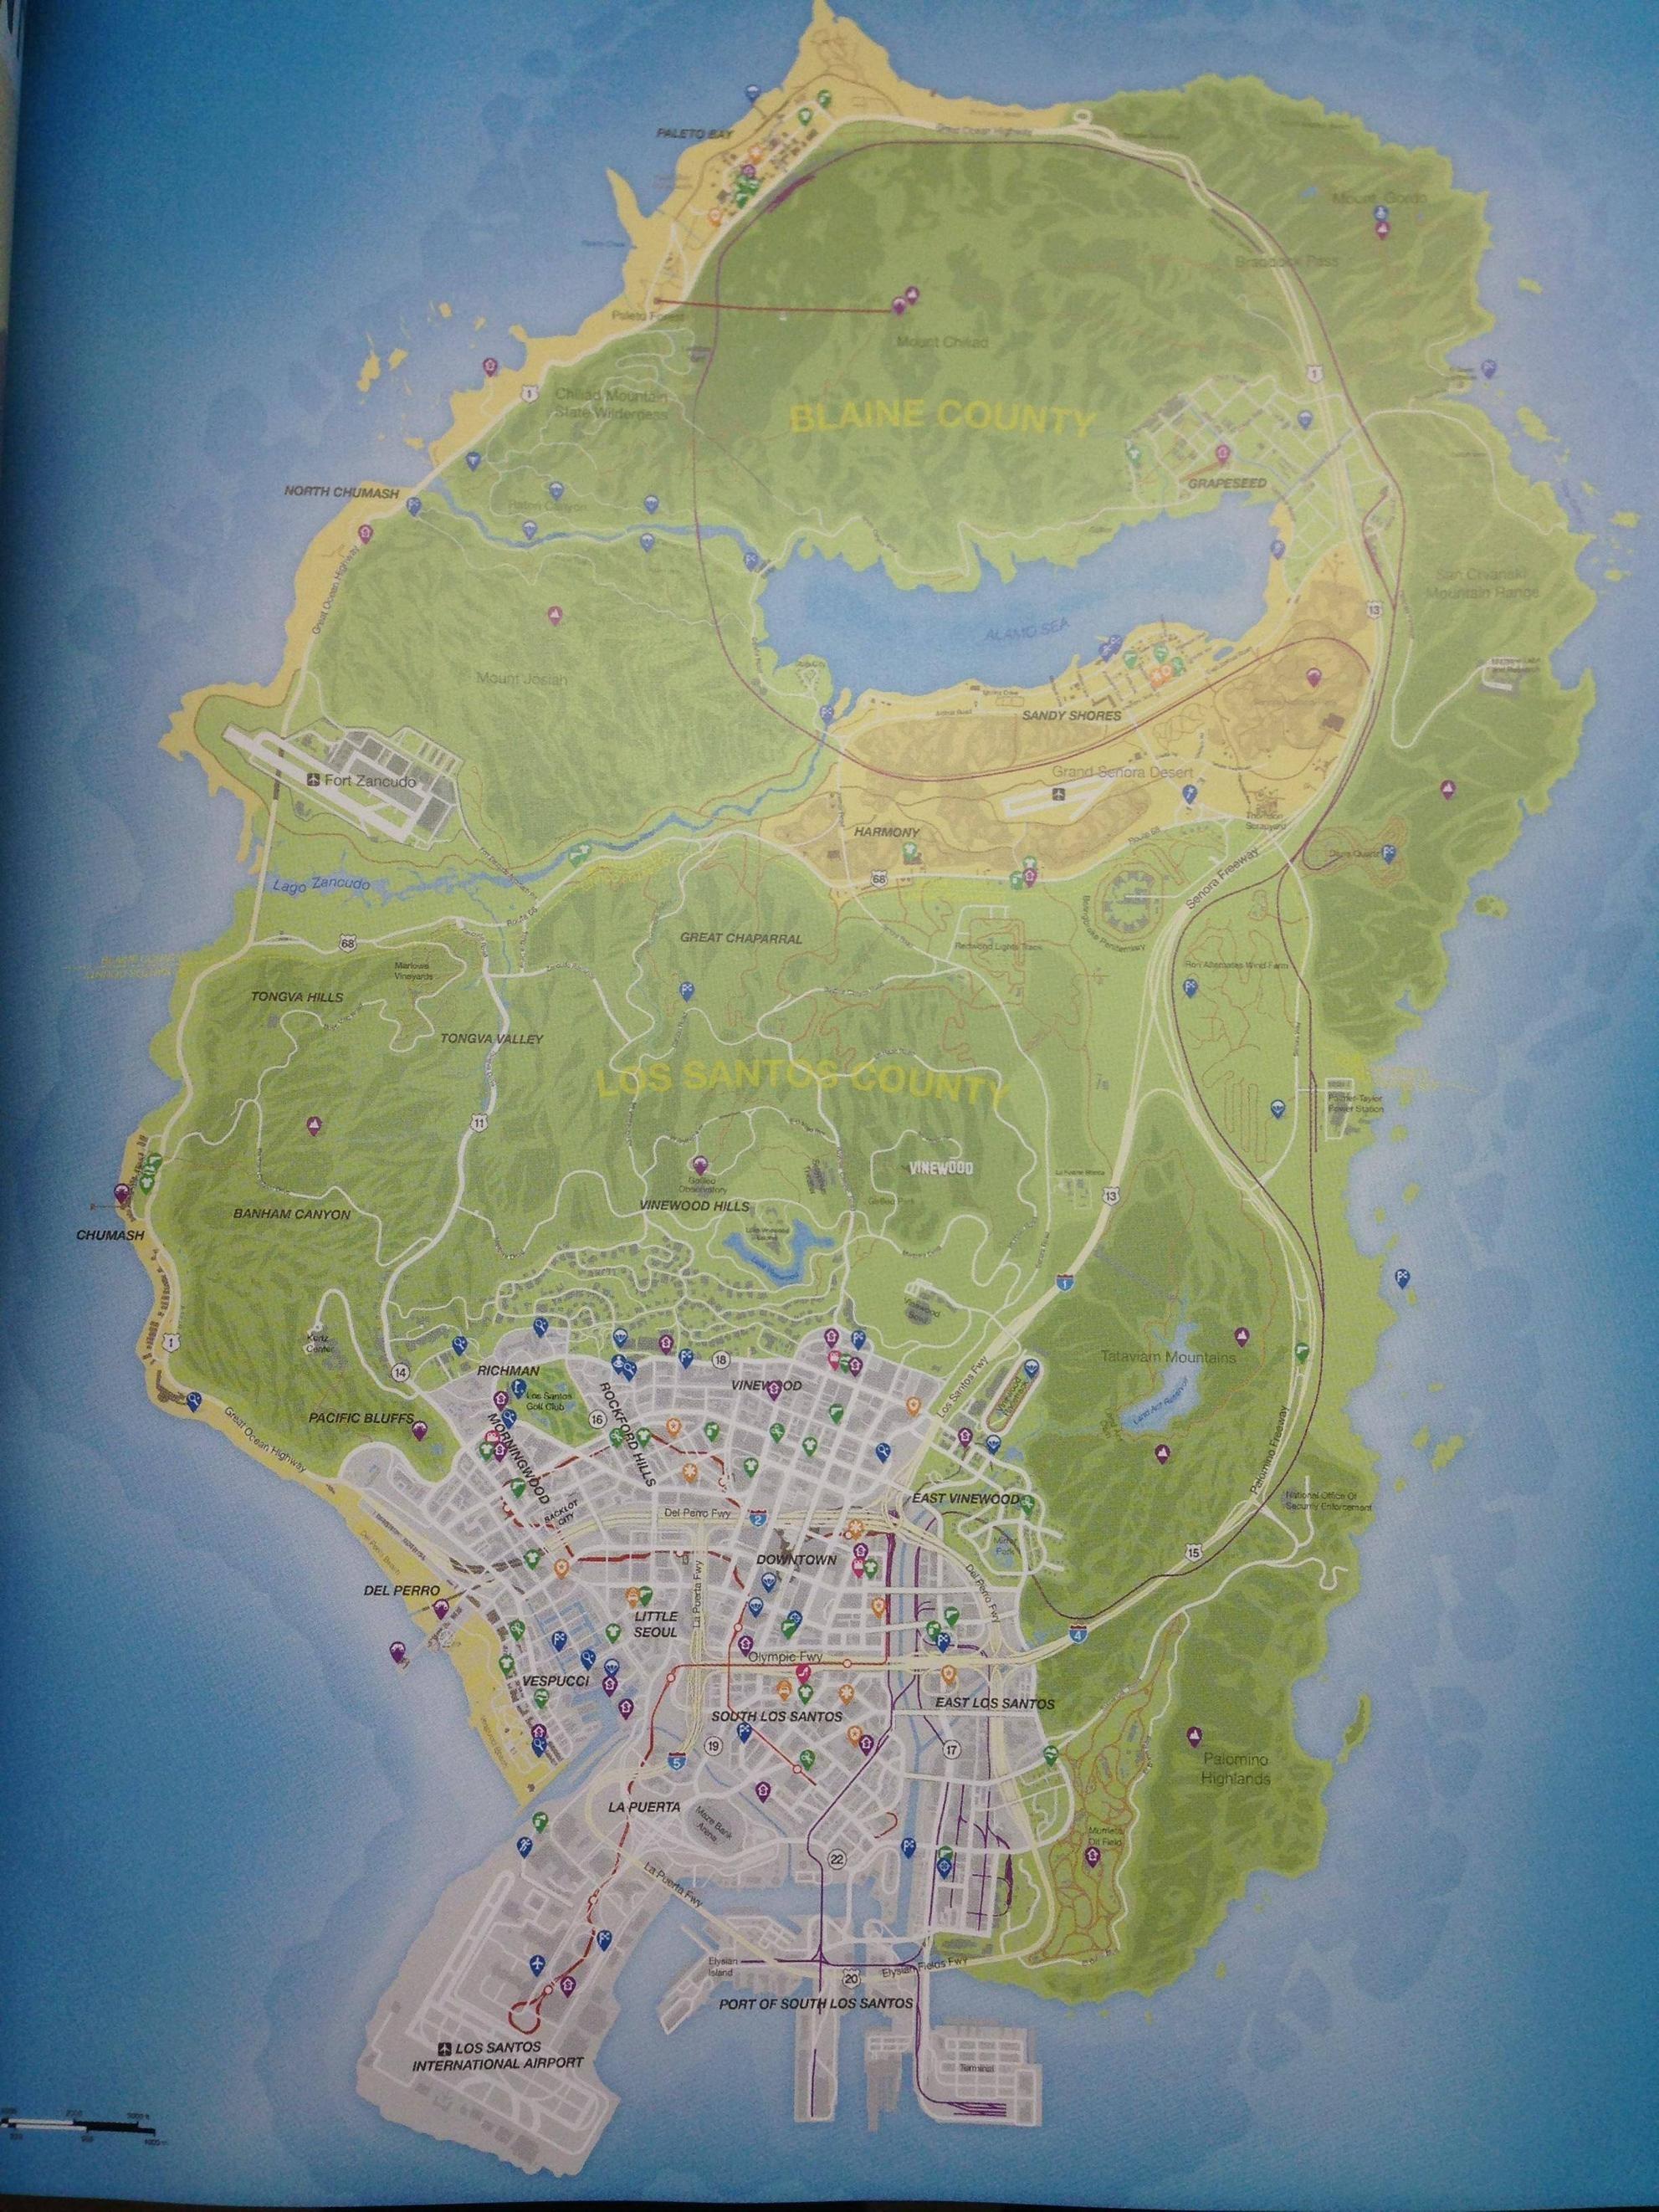 GTA 5 map uitgelekt! Wij hebben hem hier voor je!